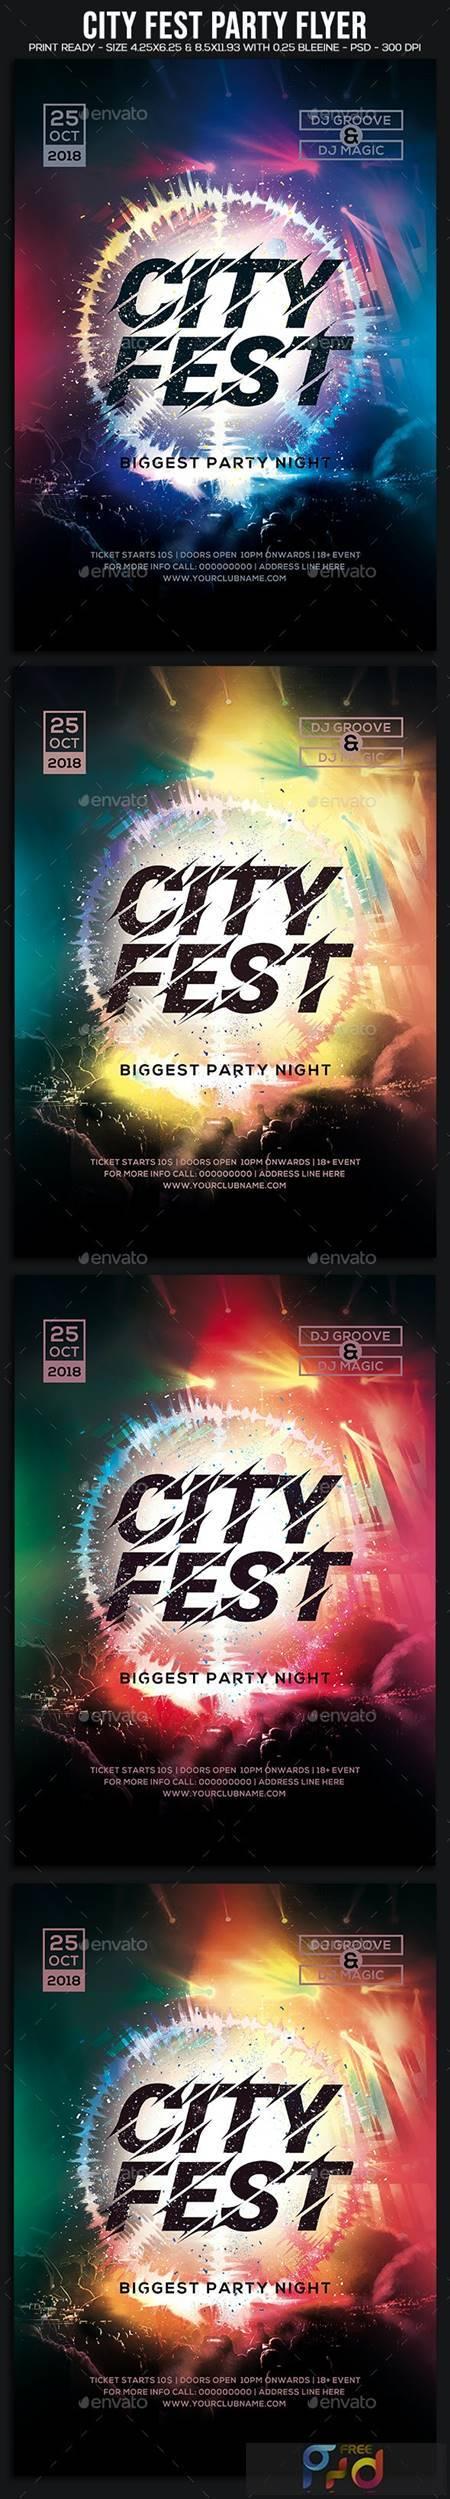 City Fest Party Flyer 22855887 1